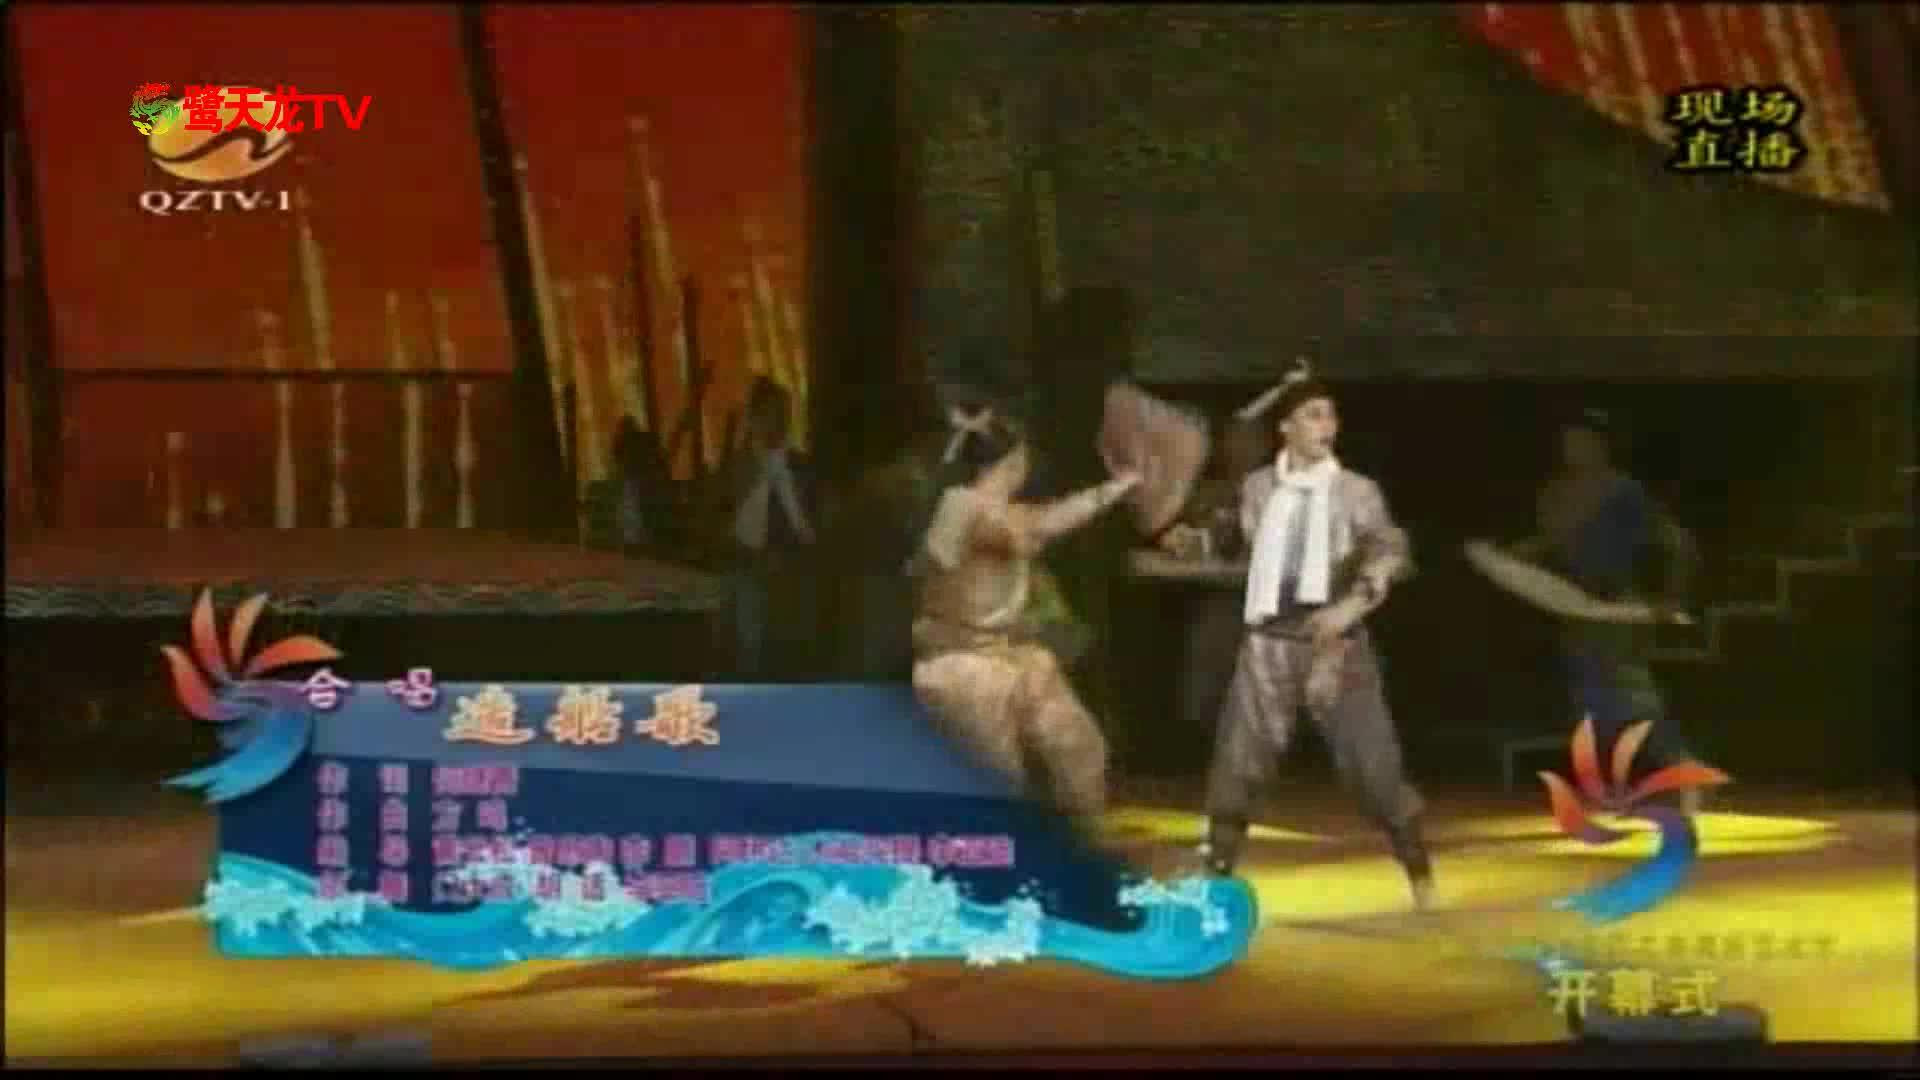 第三届海上丝绸之路国际艺术节开幕式晚会歌舞《造船歌》